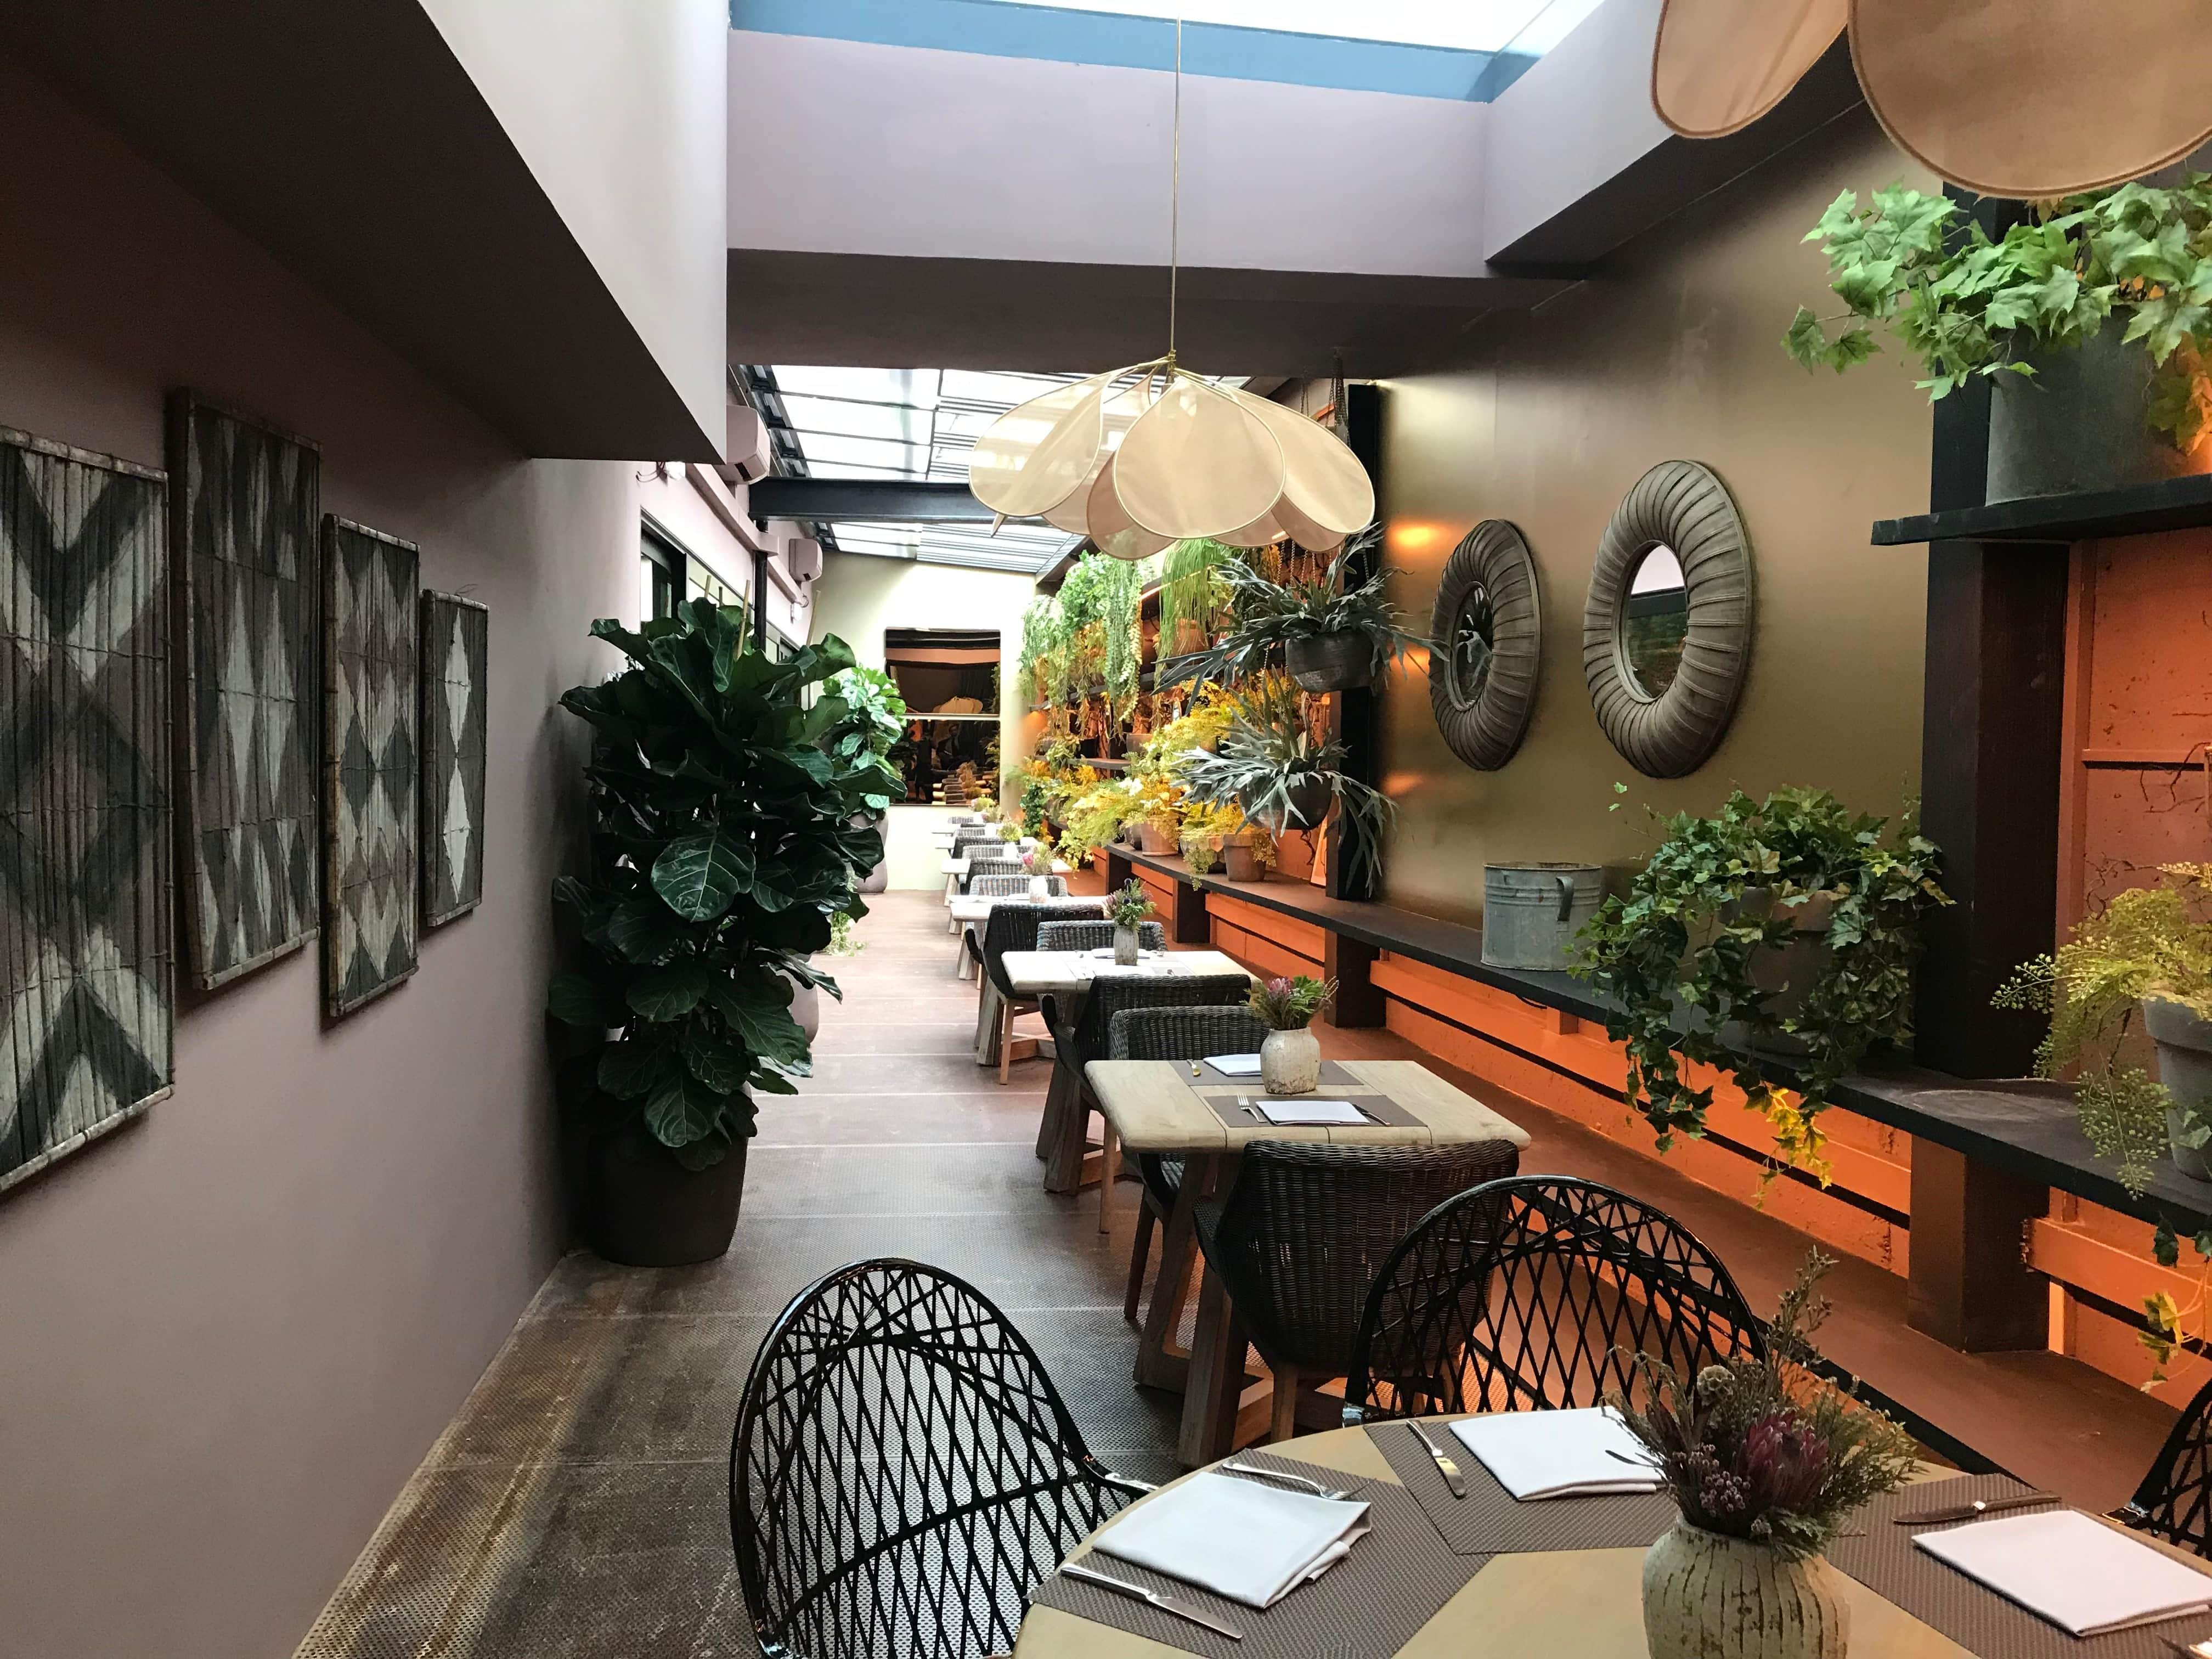 Reservas Contacto Restaurante La Palmera Del Indiano En Oviedo